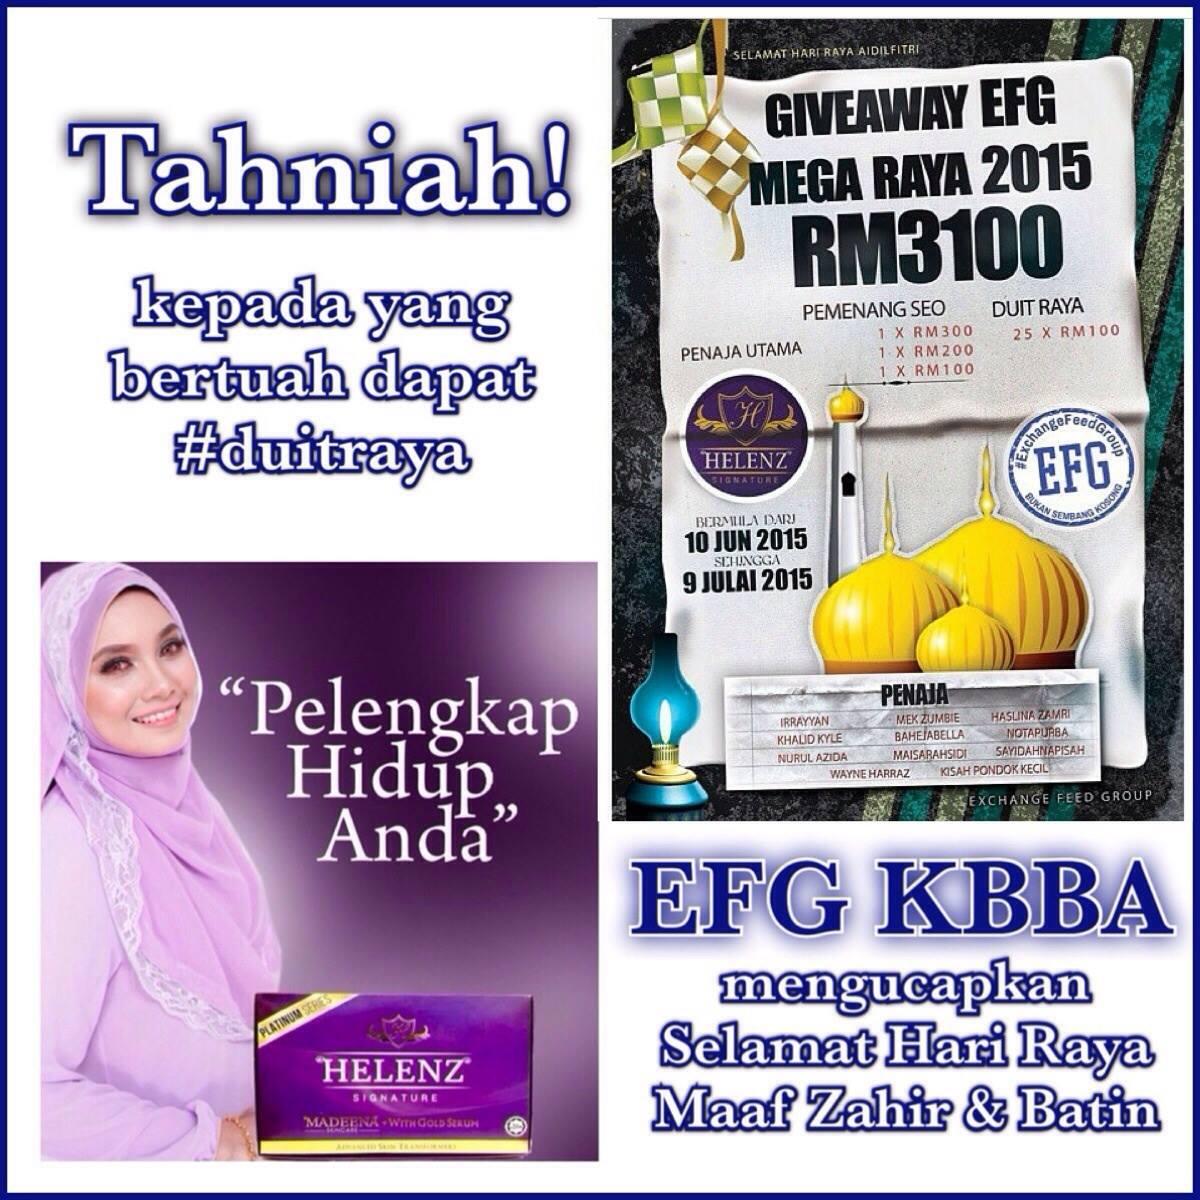 PEMENANG SEO&DUIT RAYA Giveaway EFG Mega Raya 2015 RM3100